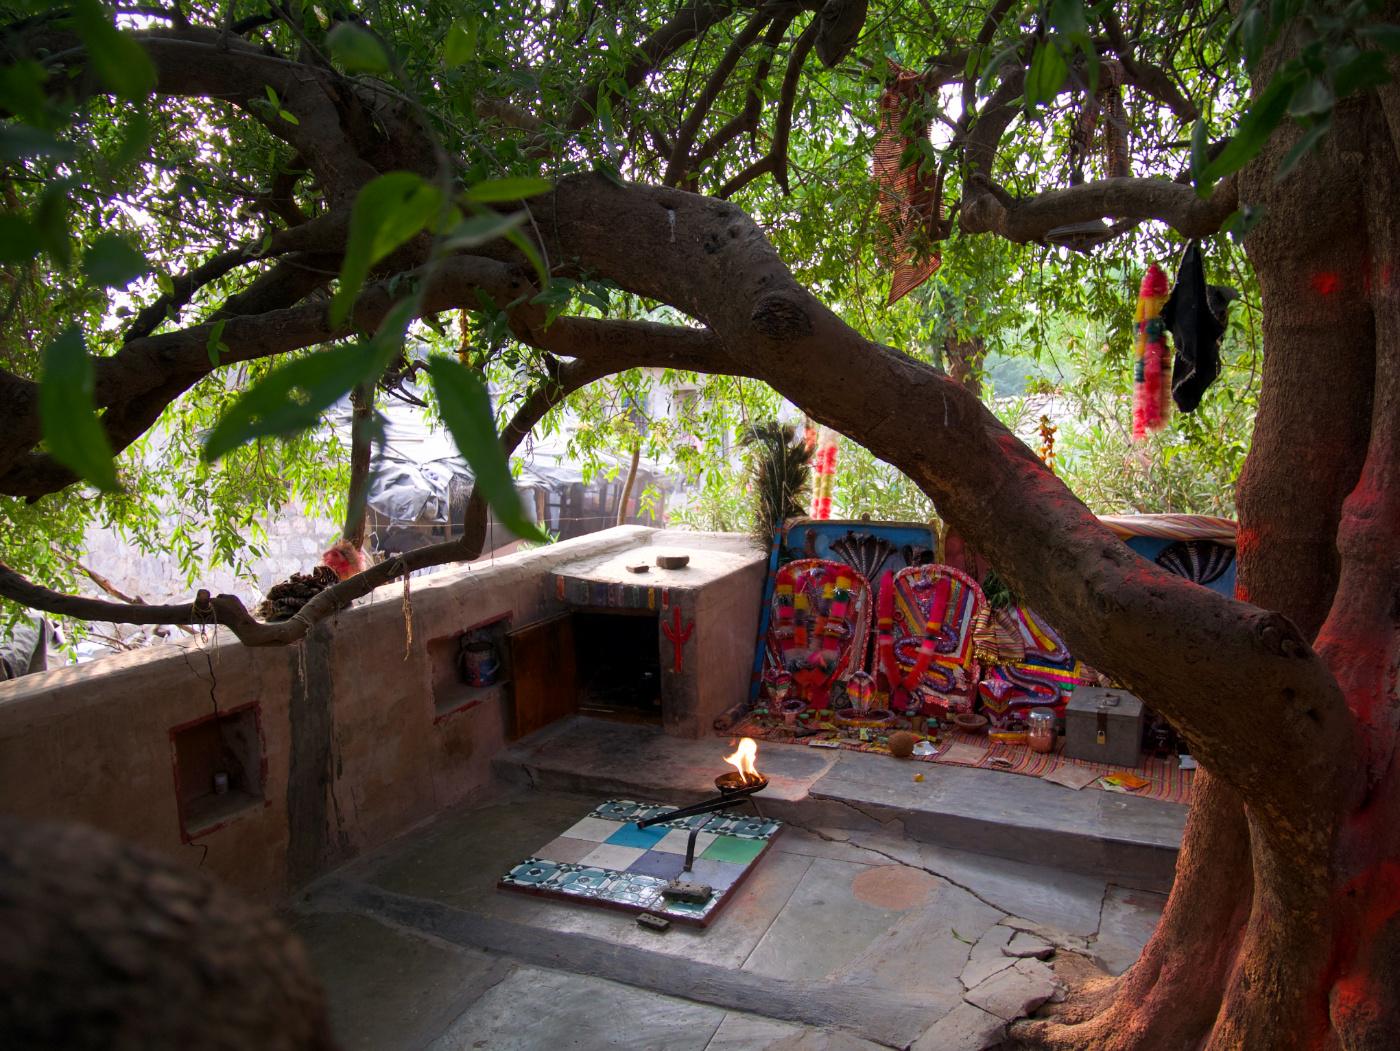 647-India-Bhenswara